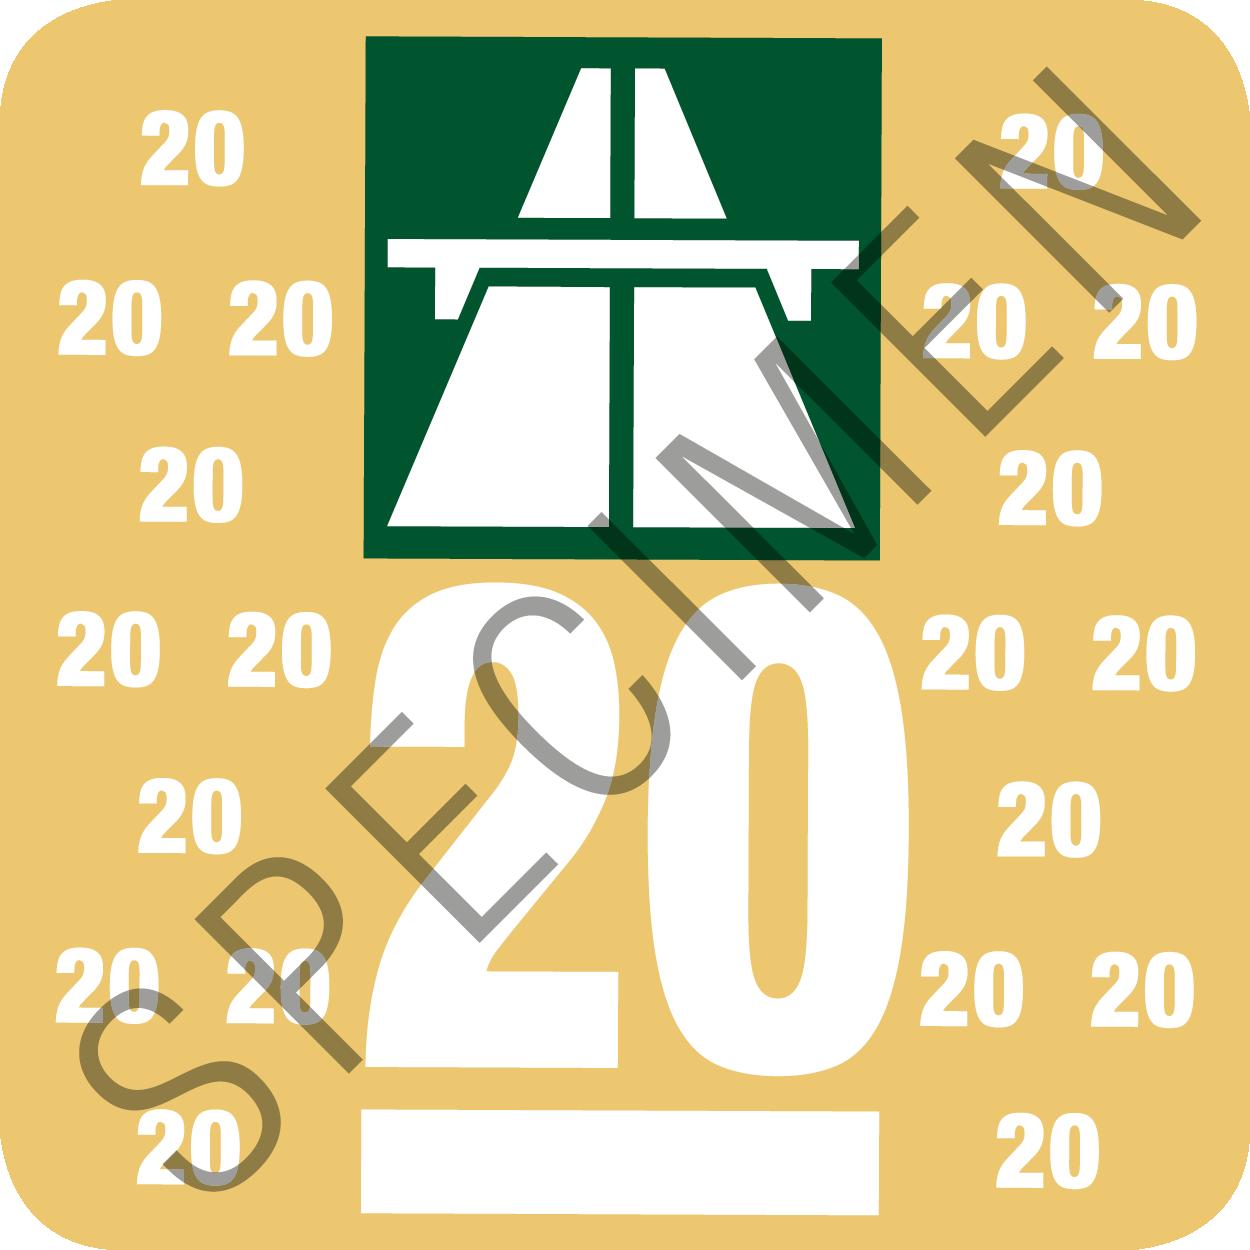 Schweizer Autobahnvignette 2020